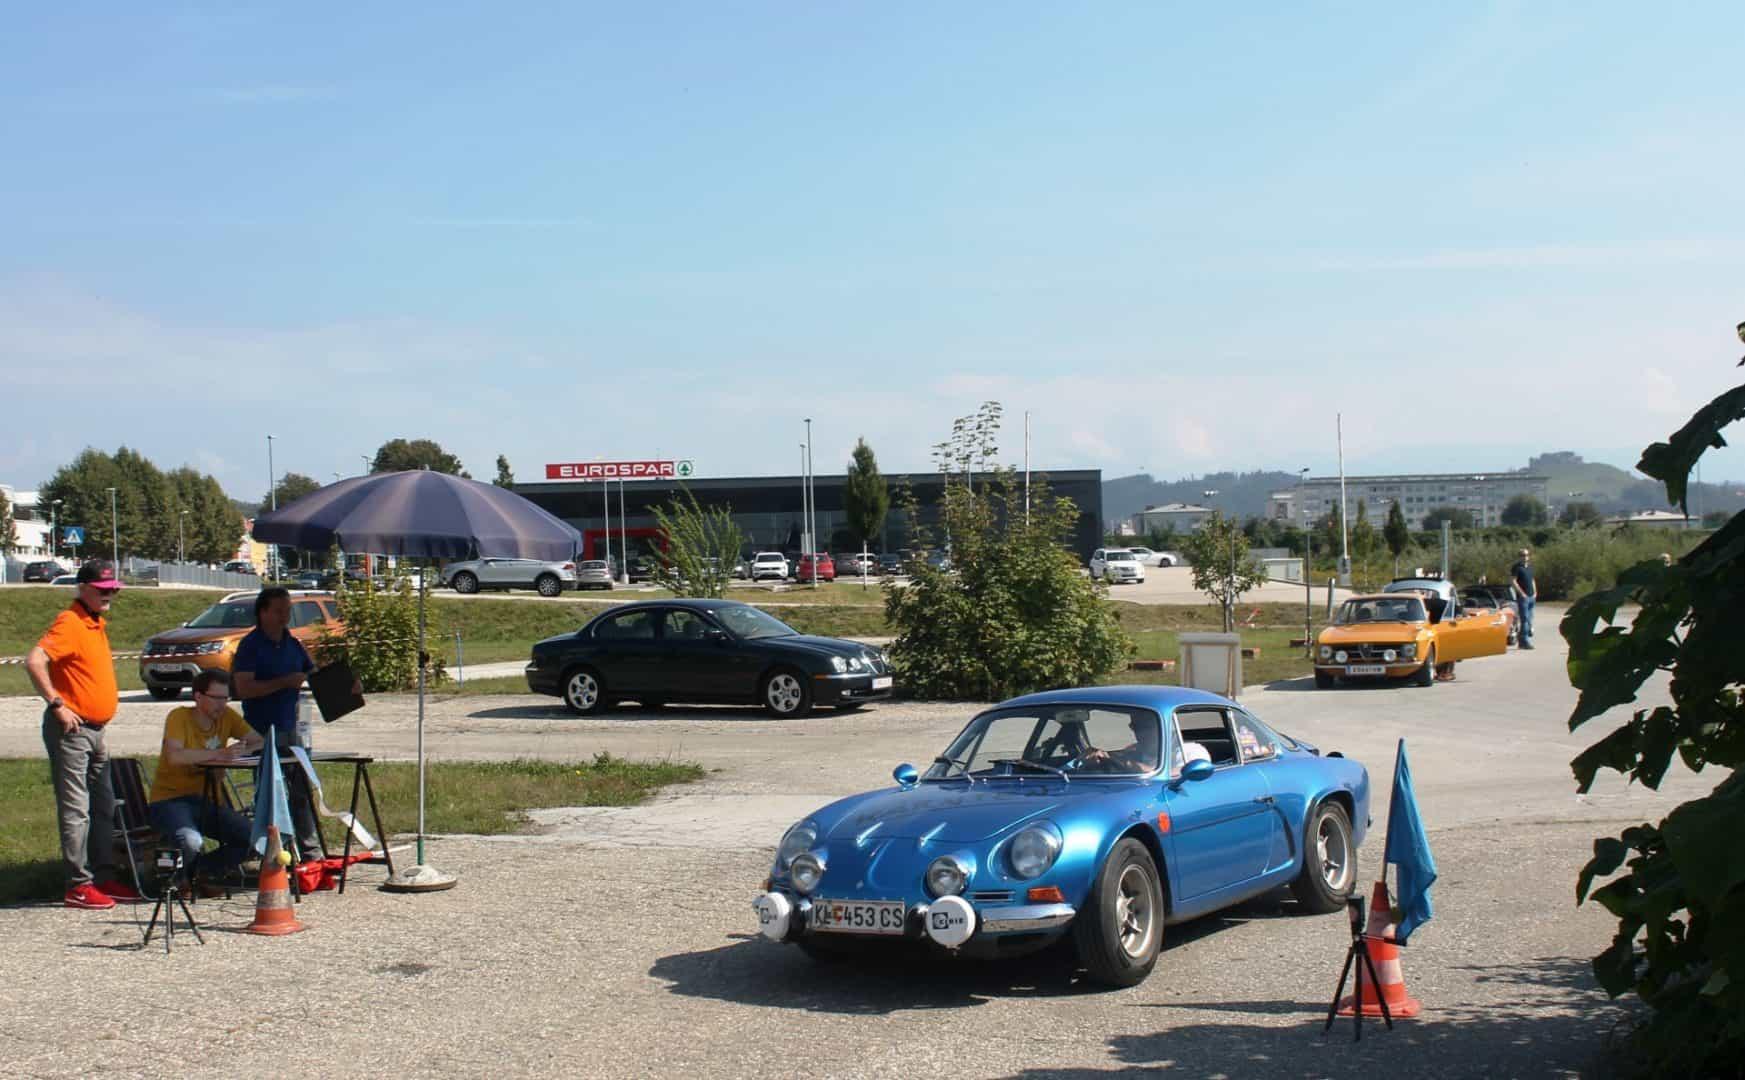 Ausflug des CAR Teams Ferlach am 12. September 2020 mit Gleichmäßigkeitsprüfung anstelle des abgesagten sms-Classic-Sprints - Harald Pirtscher, Renault Alpine